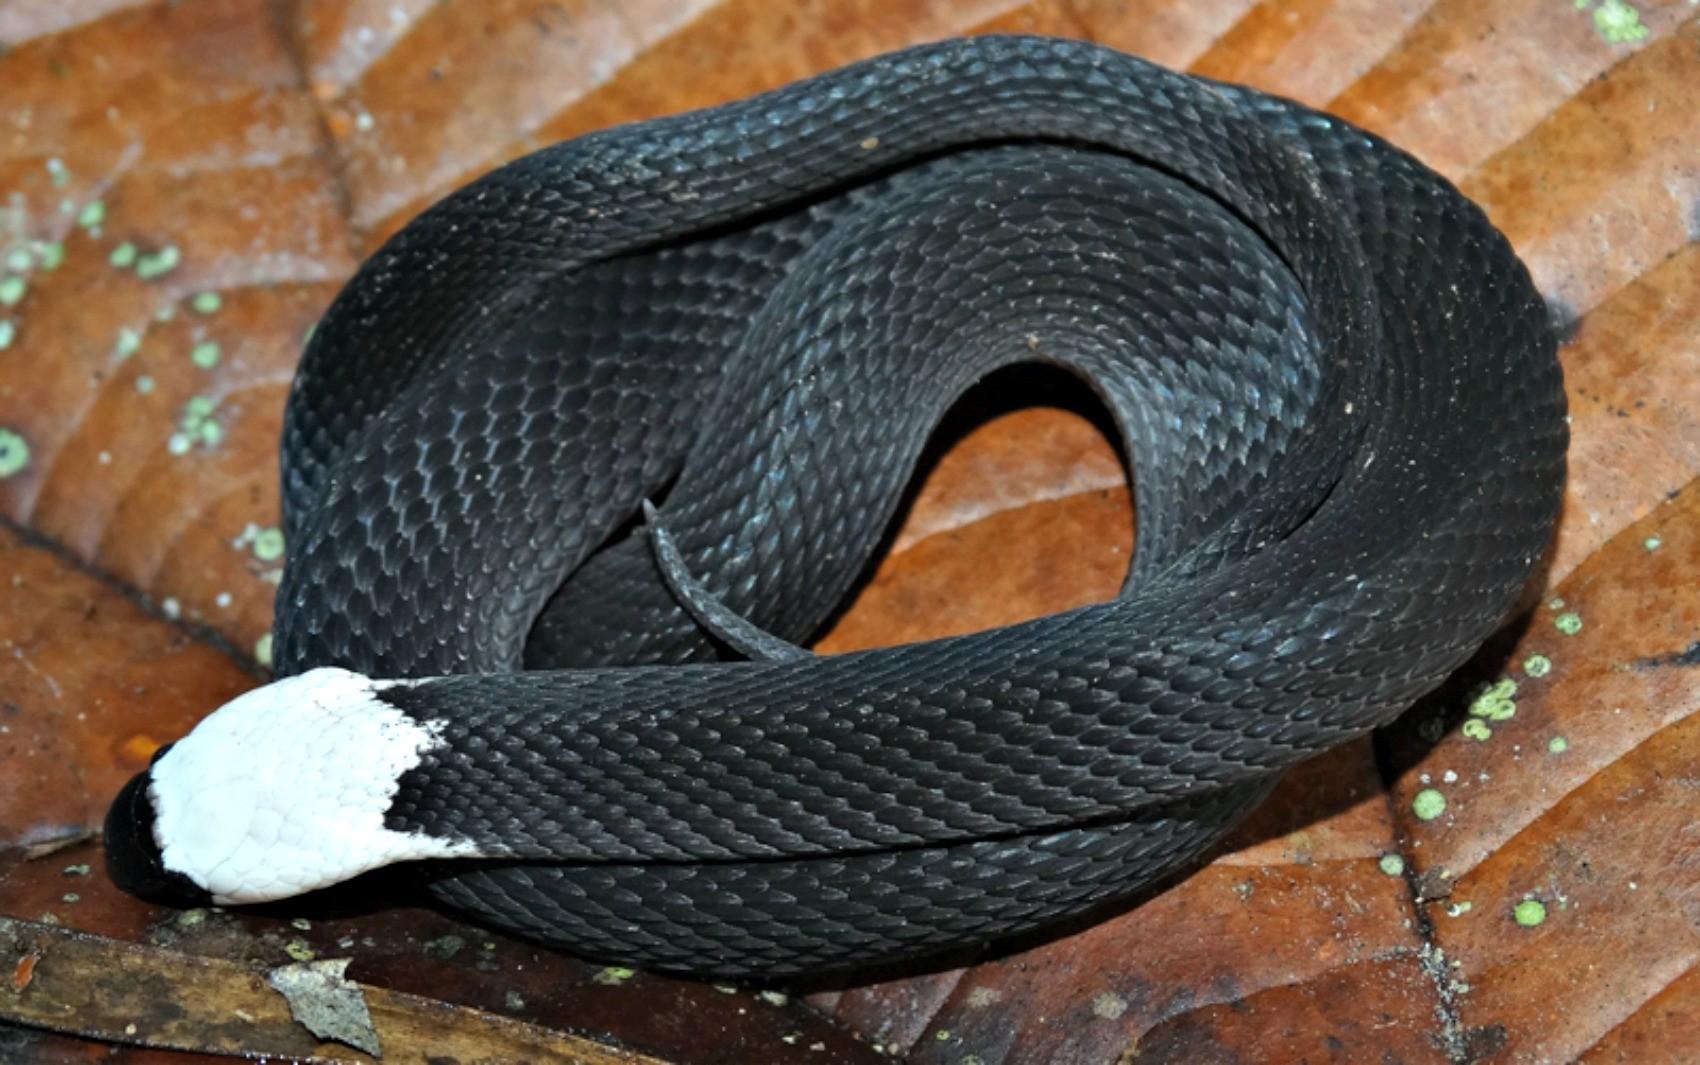 Espécie de serpente rara foi achada pela primeira vez na Estação Ecológica Rio Acre, em Assis Brasil  (Foto: Marco Freitas/Arquivo Pessoal)